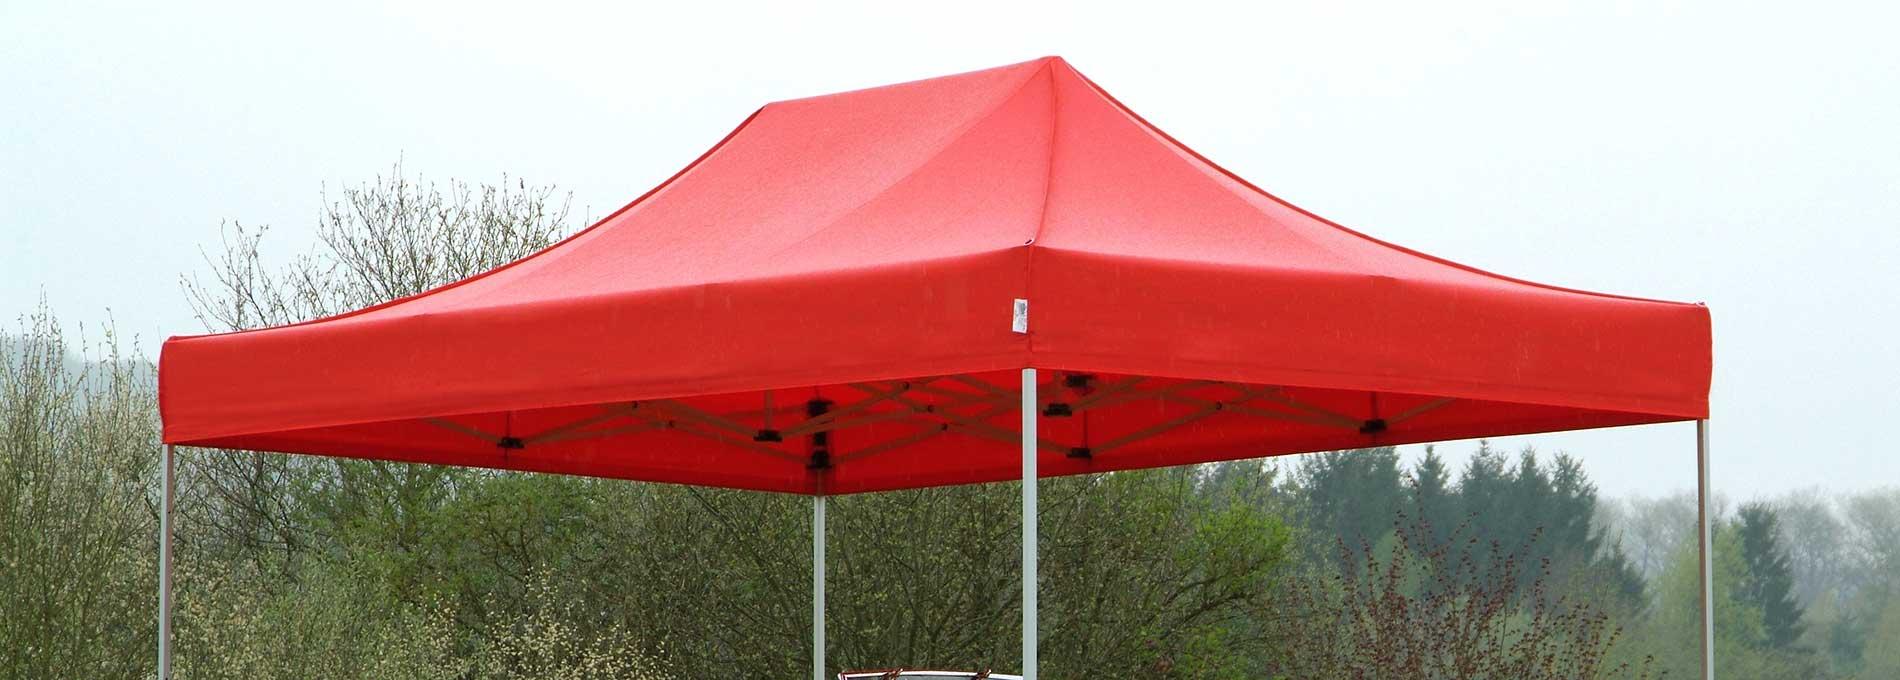 Rotes wasserdichtes Faltzelt zum Schutz eines Oldtimers.